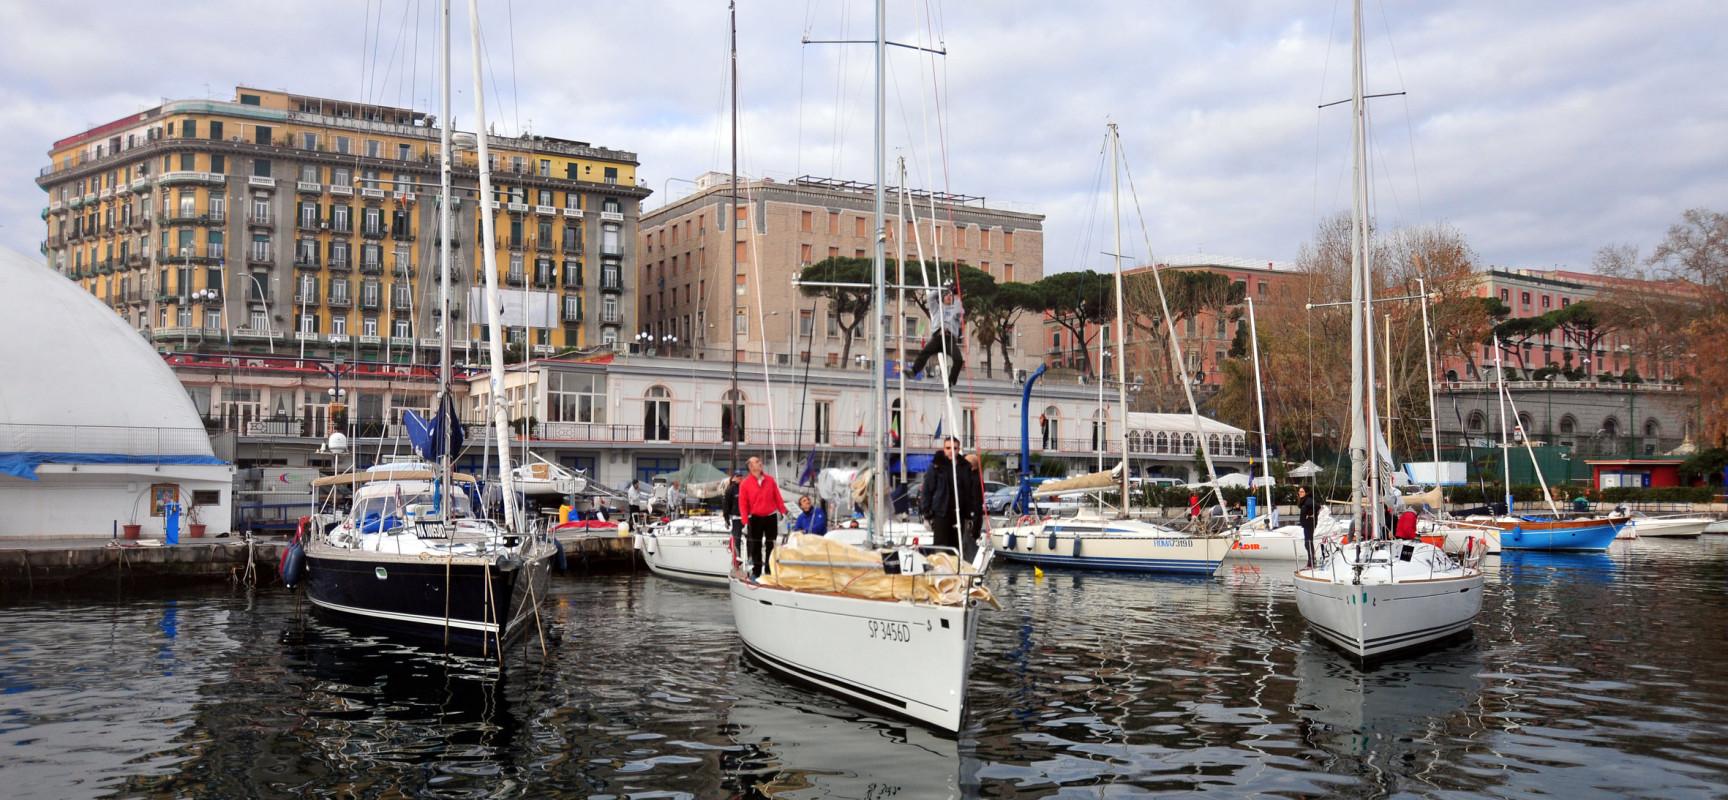 Immagini di regata Trofeo Gutteridge - Campionato Invernale d'Altura Golfo di Napoli 2014-2015 Photo ©Francesco Rastrelli